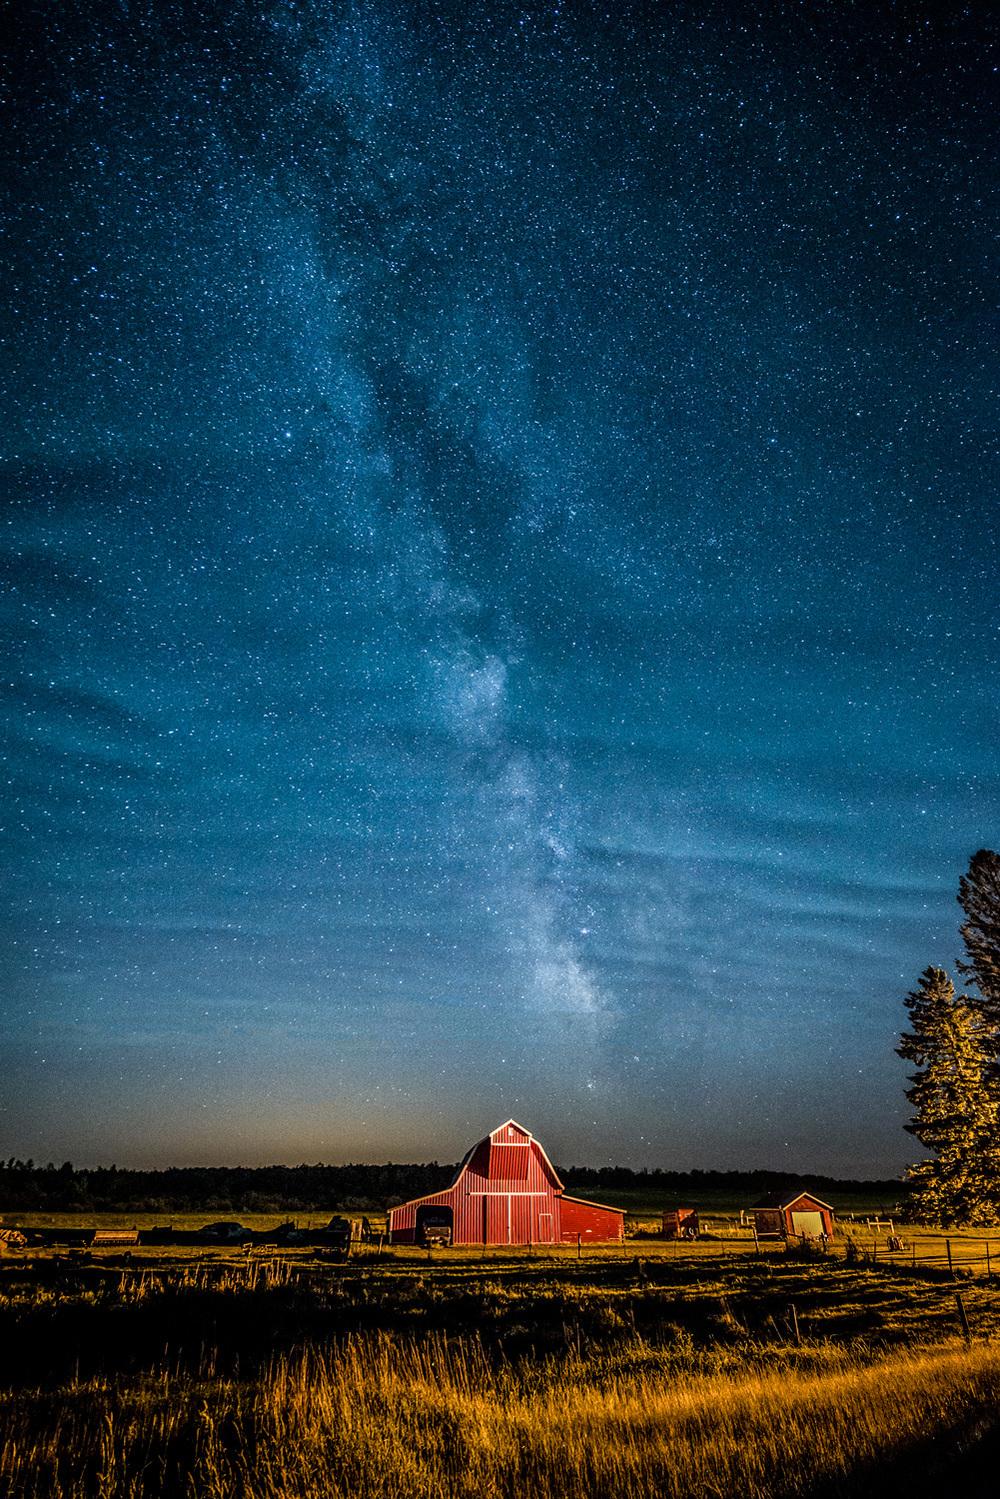 """""""Barn Under Milky Way"""" by Dennis Zerwas, Jr."""